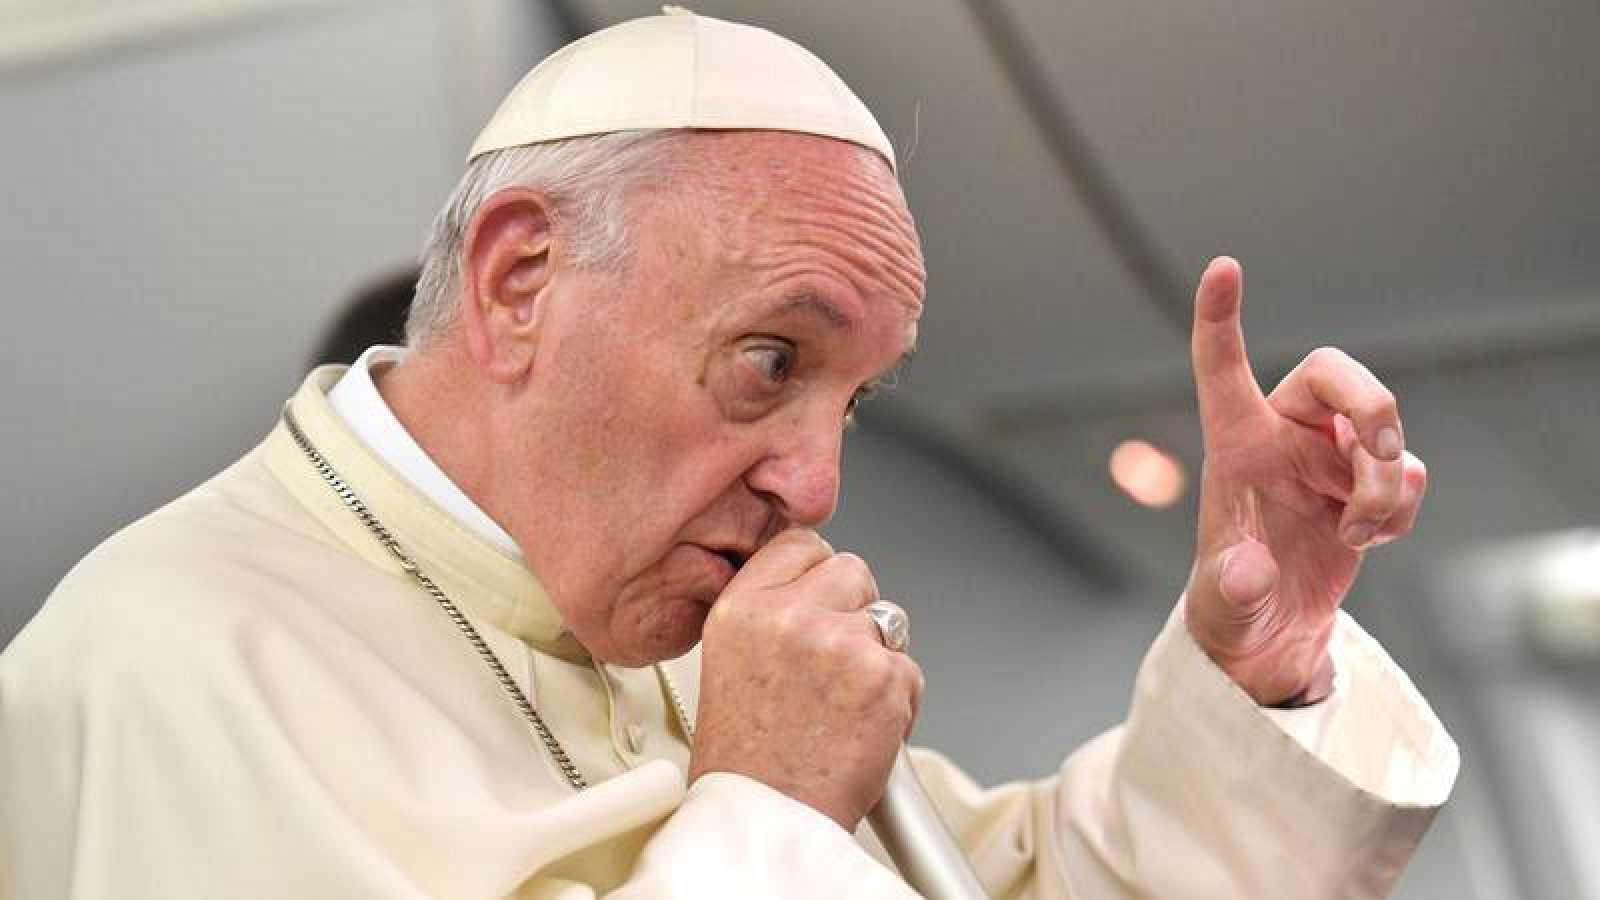 El papa Francisco fotografiado en el vuelo de regreso a Roma desde Perú